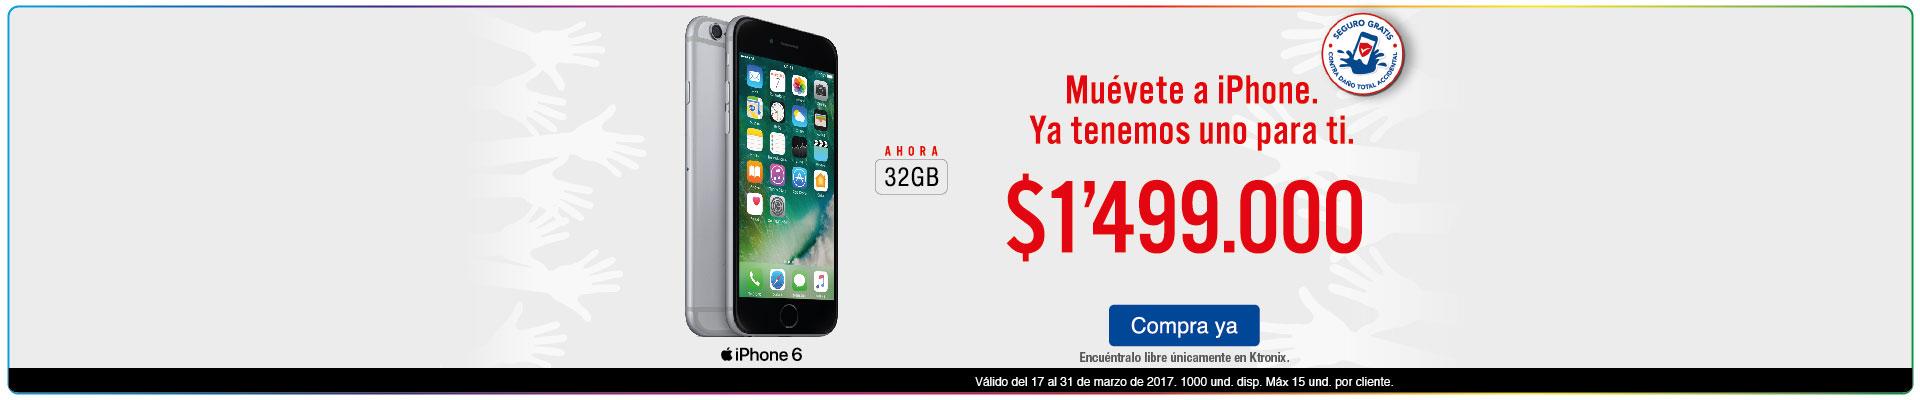 Bppal KT - Muevete a iPhone - Mar18